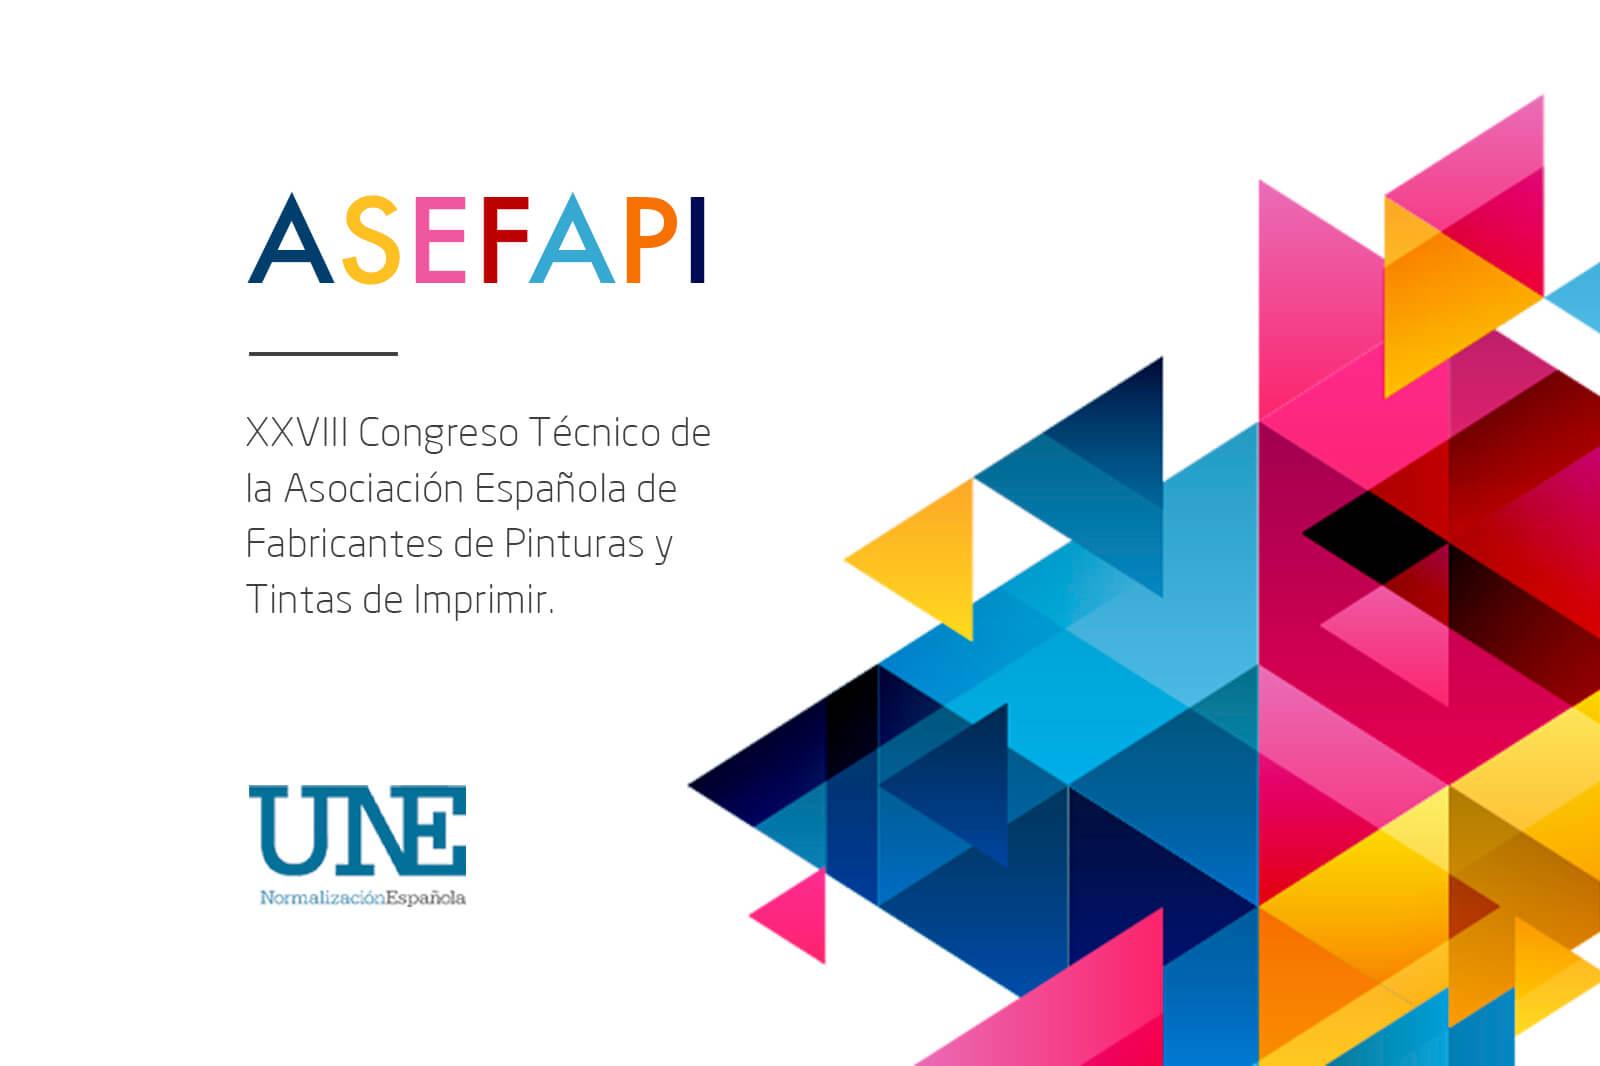 Imagen con muchos colores con un título que dice Asefapi, vigesimoctavo congreso técnico de la asociación española de fabricantes de pintura y tintas de imprimir y el logo de la UNE Normalización Española